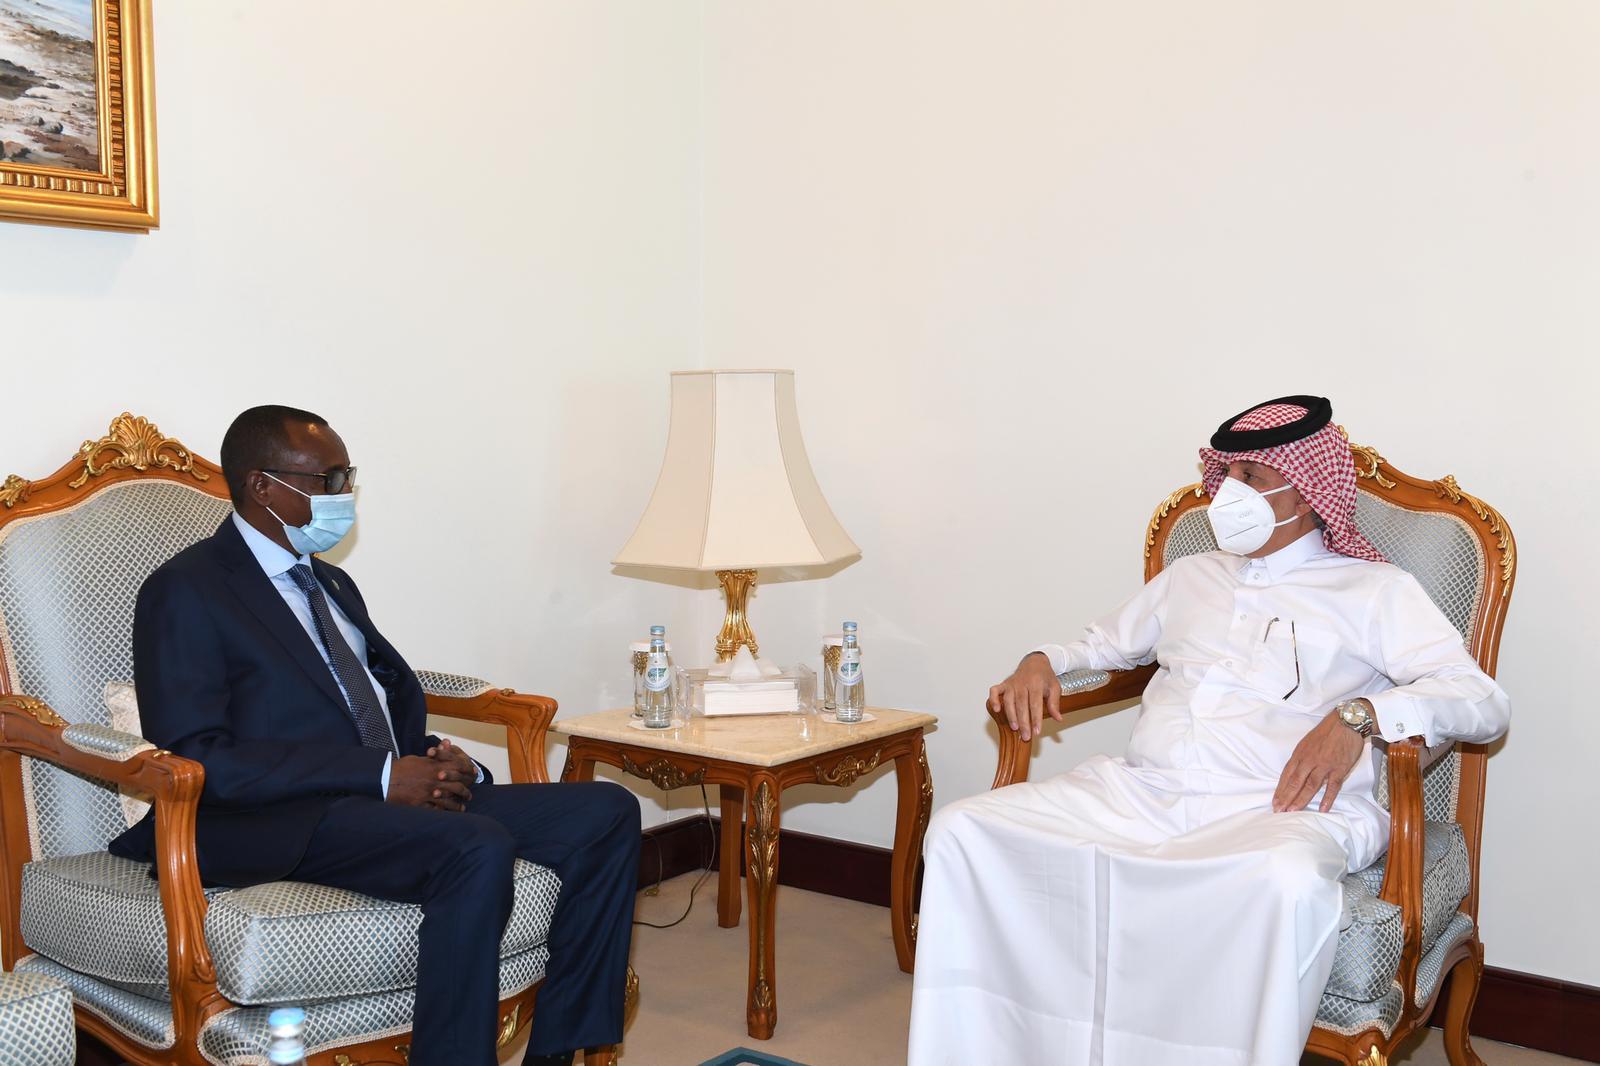 وزير الدولة للشؤون الخارجية يجتمع مع سفير جيبوتي